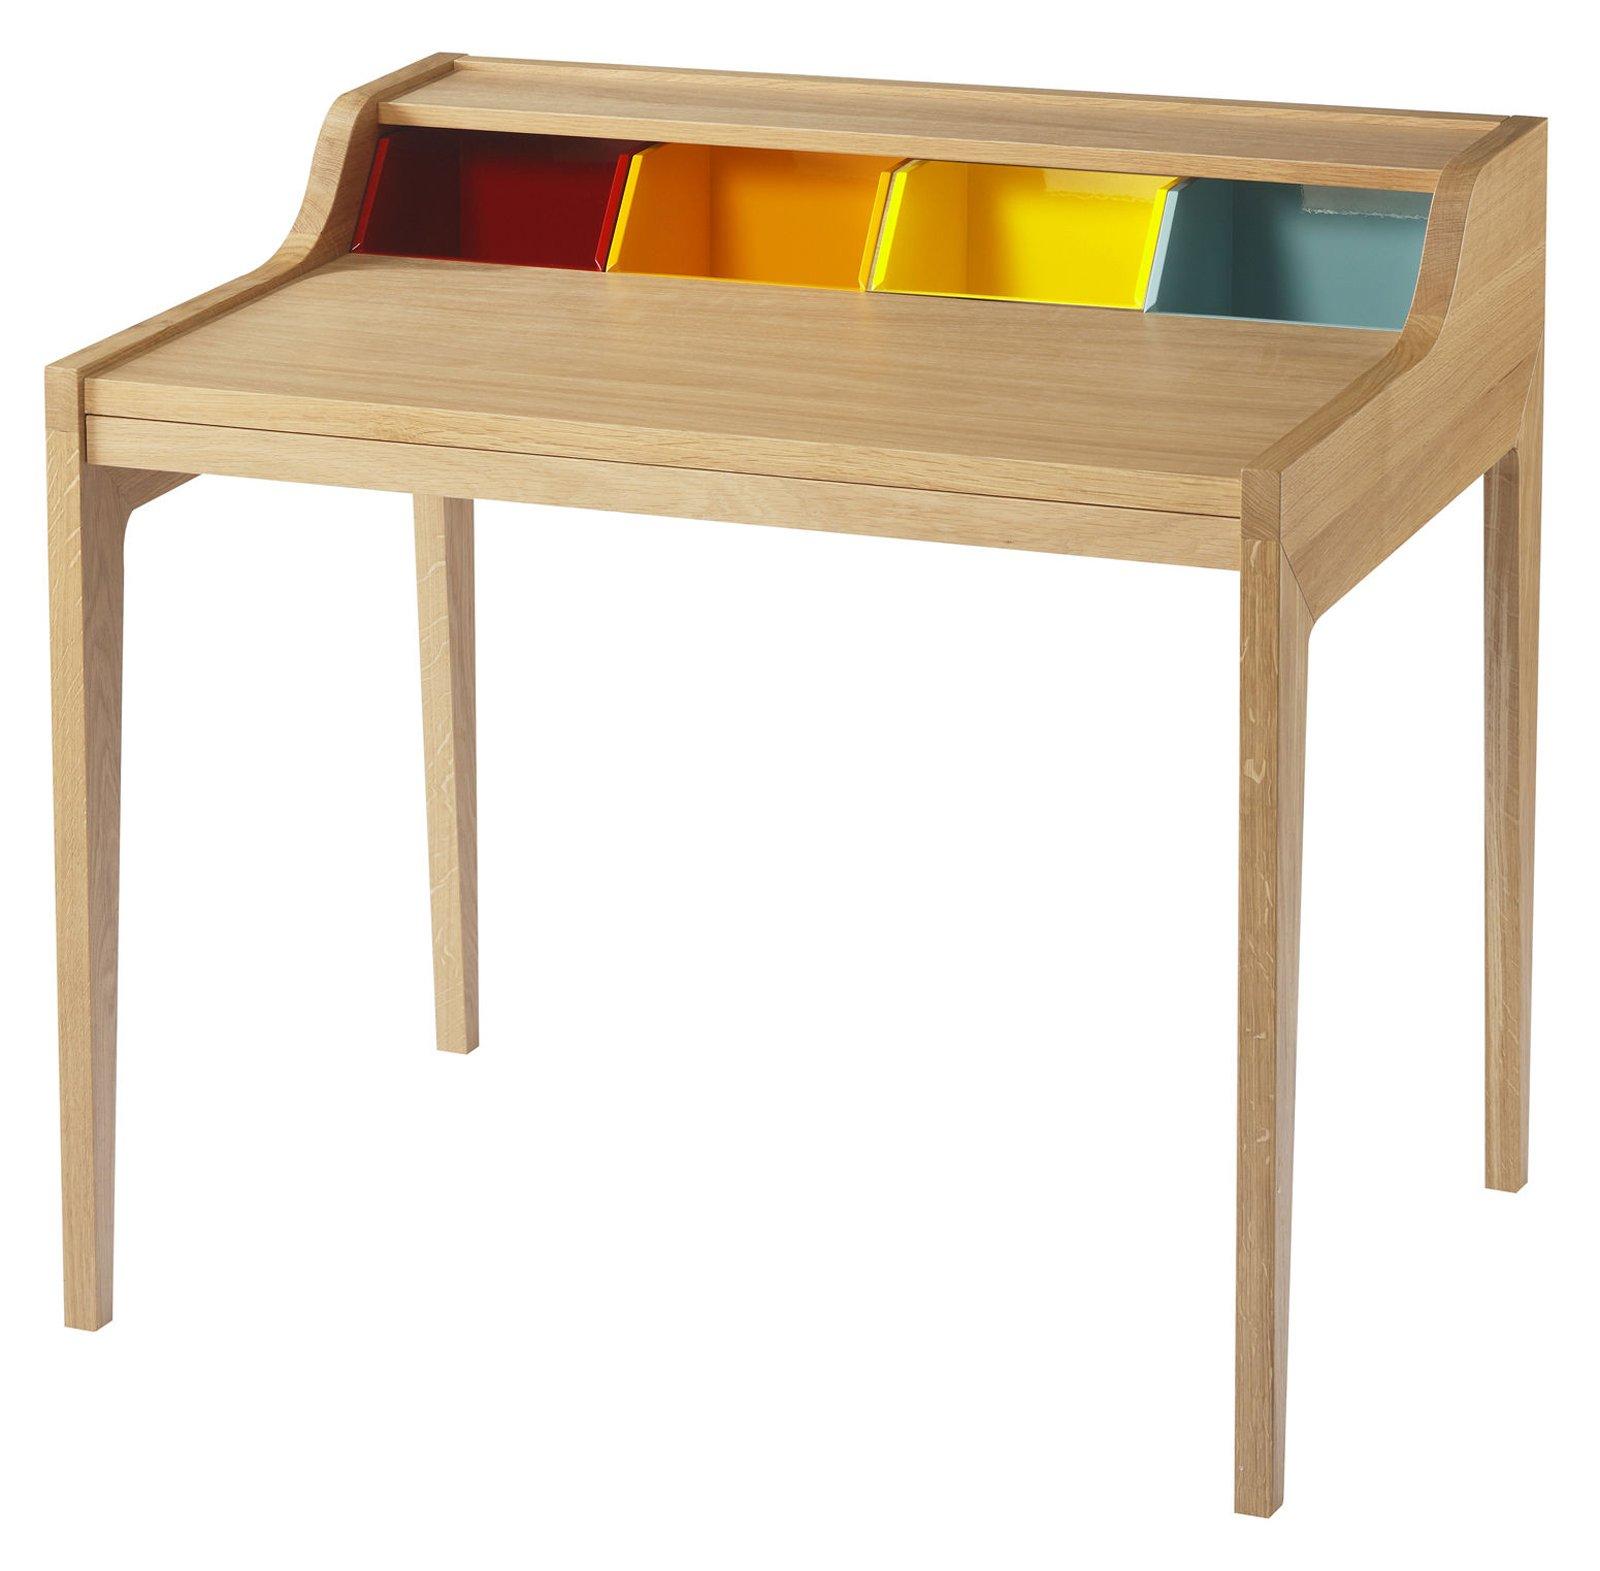 free mondo convenienza tavolini tutte le offerte cascare a fagiolo ikea scrivanie pc amazing porta pc mobile scrivania puter with tavolo arte povera